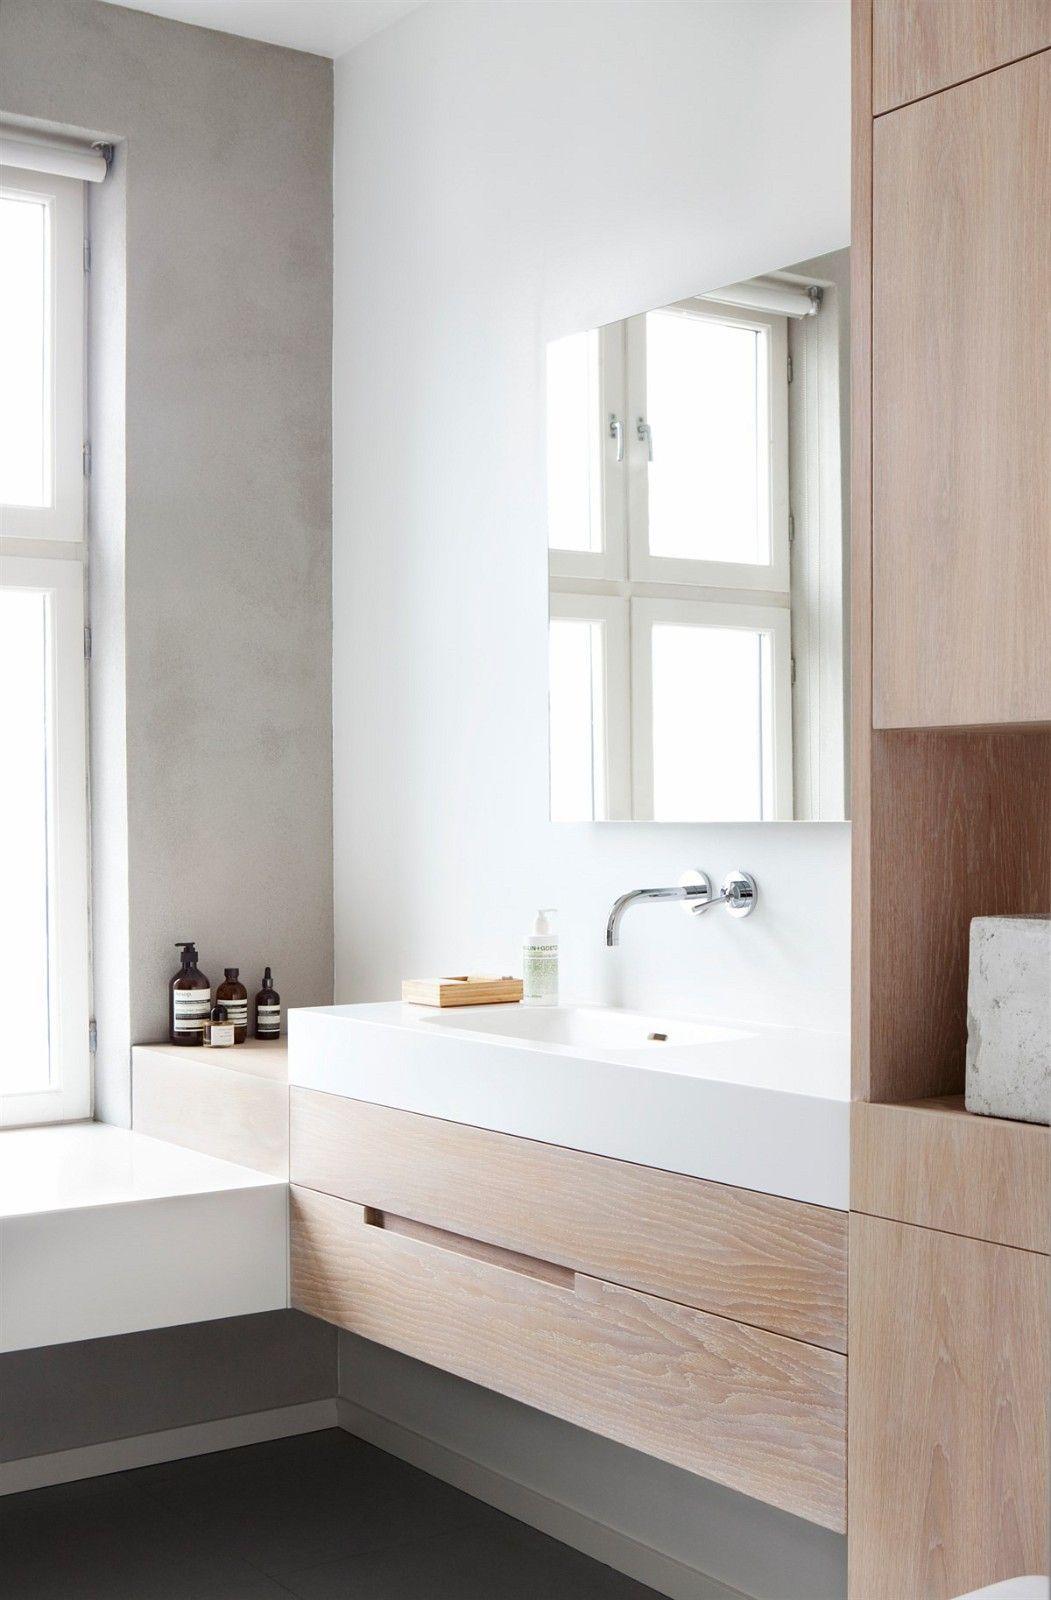 (5) FINN – Fredensborg - Designperle med høy standard, egen takterrasse og helt unike løsninger